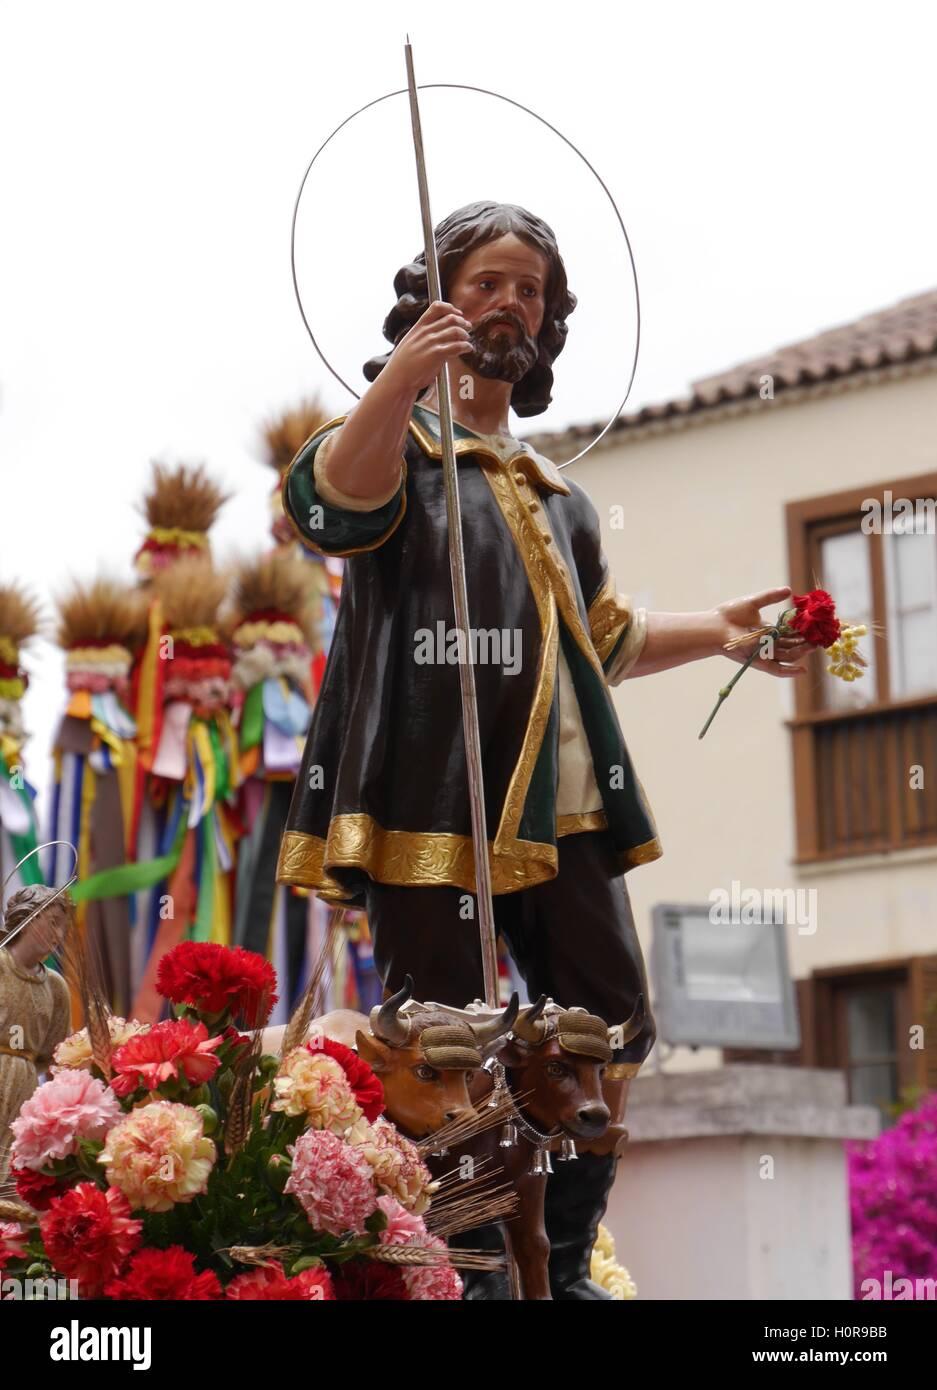 Statue von San Isidro Labrador, Wallfahrt, ein Sommerfest, ländlichen Traditionen Feiern statt ihm zu Ehren, Stockbild